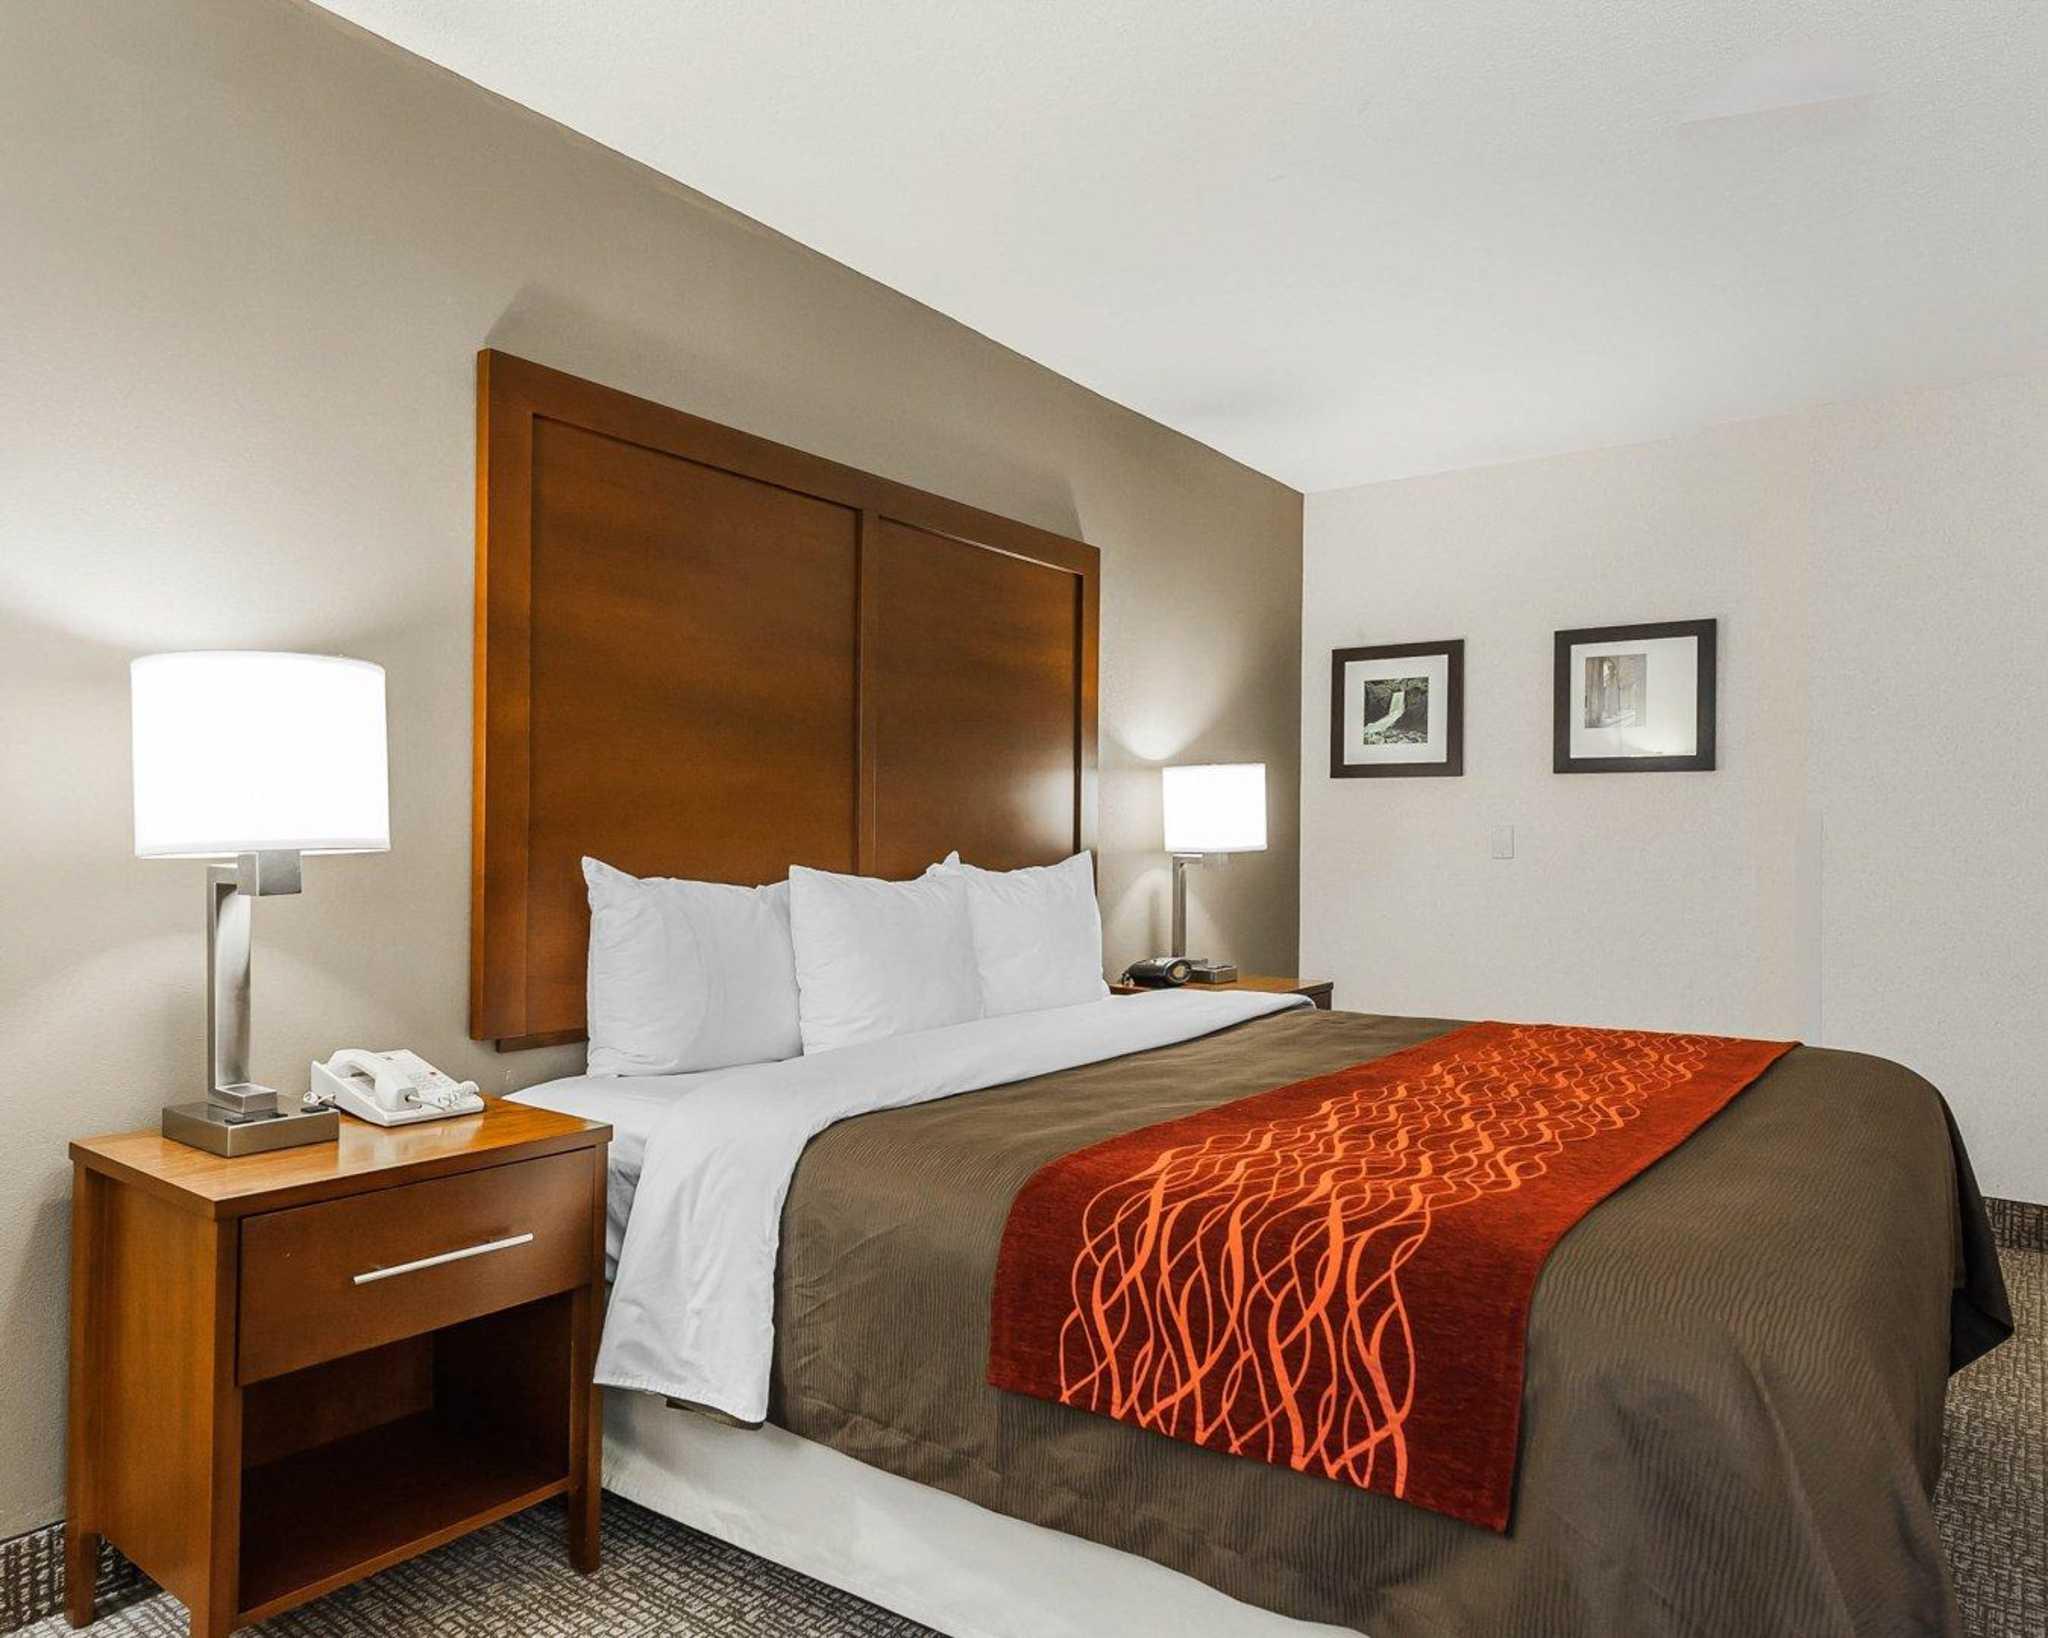 Comfort Inn Denver East image 4